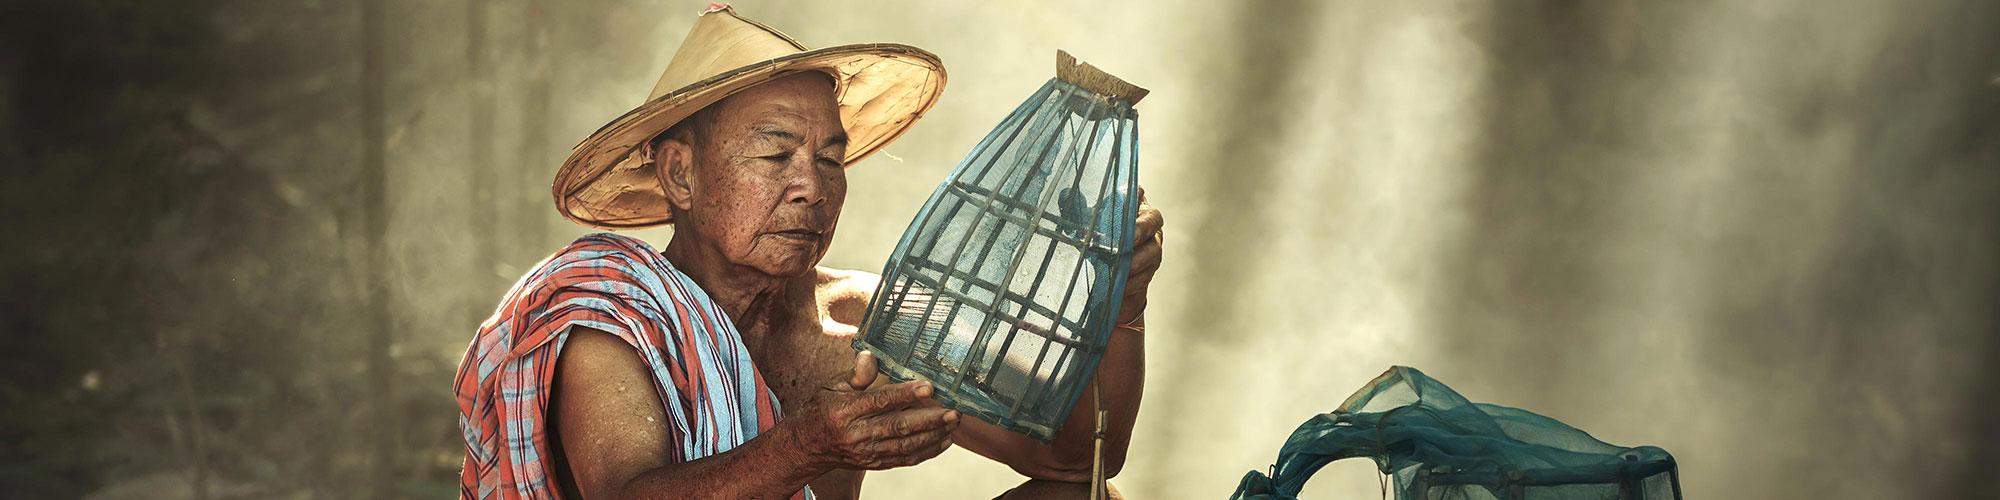 Lao Expert Looking Net Caught